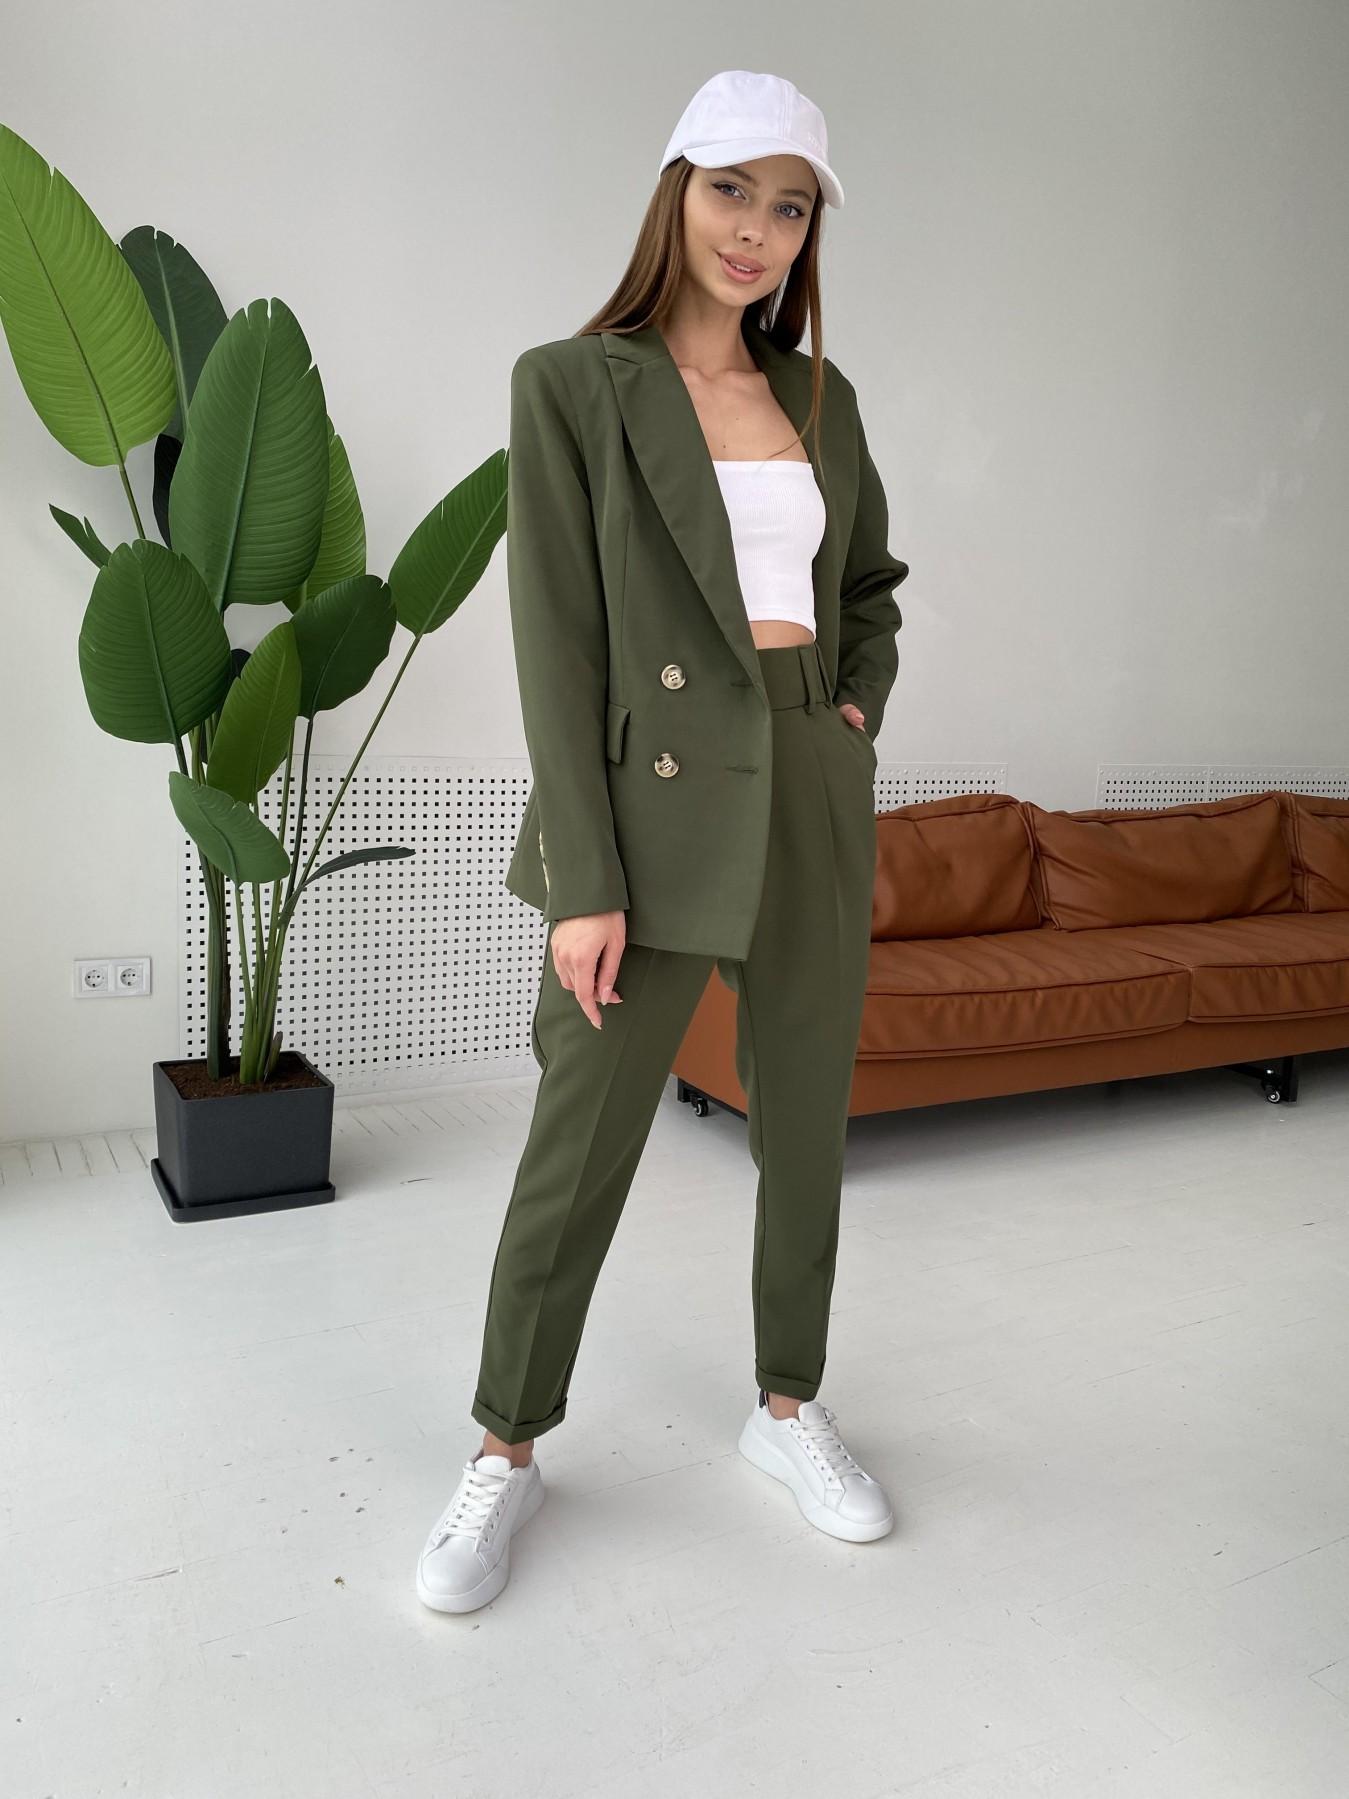 Франко костюм из костюмной ткани 11090 АРТ. 47970 Цвет: Хаки - фото 9, интернет магазин tm-modus.ru